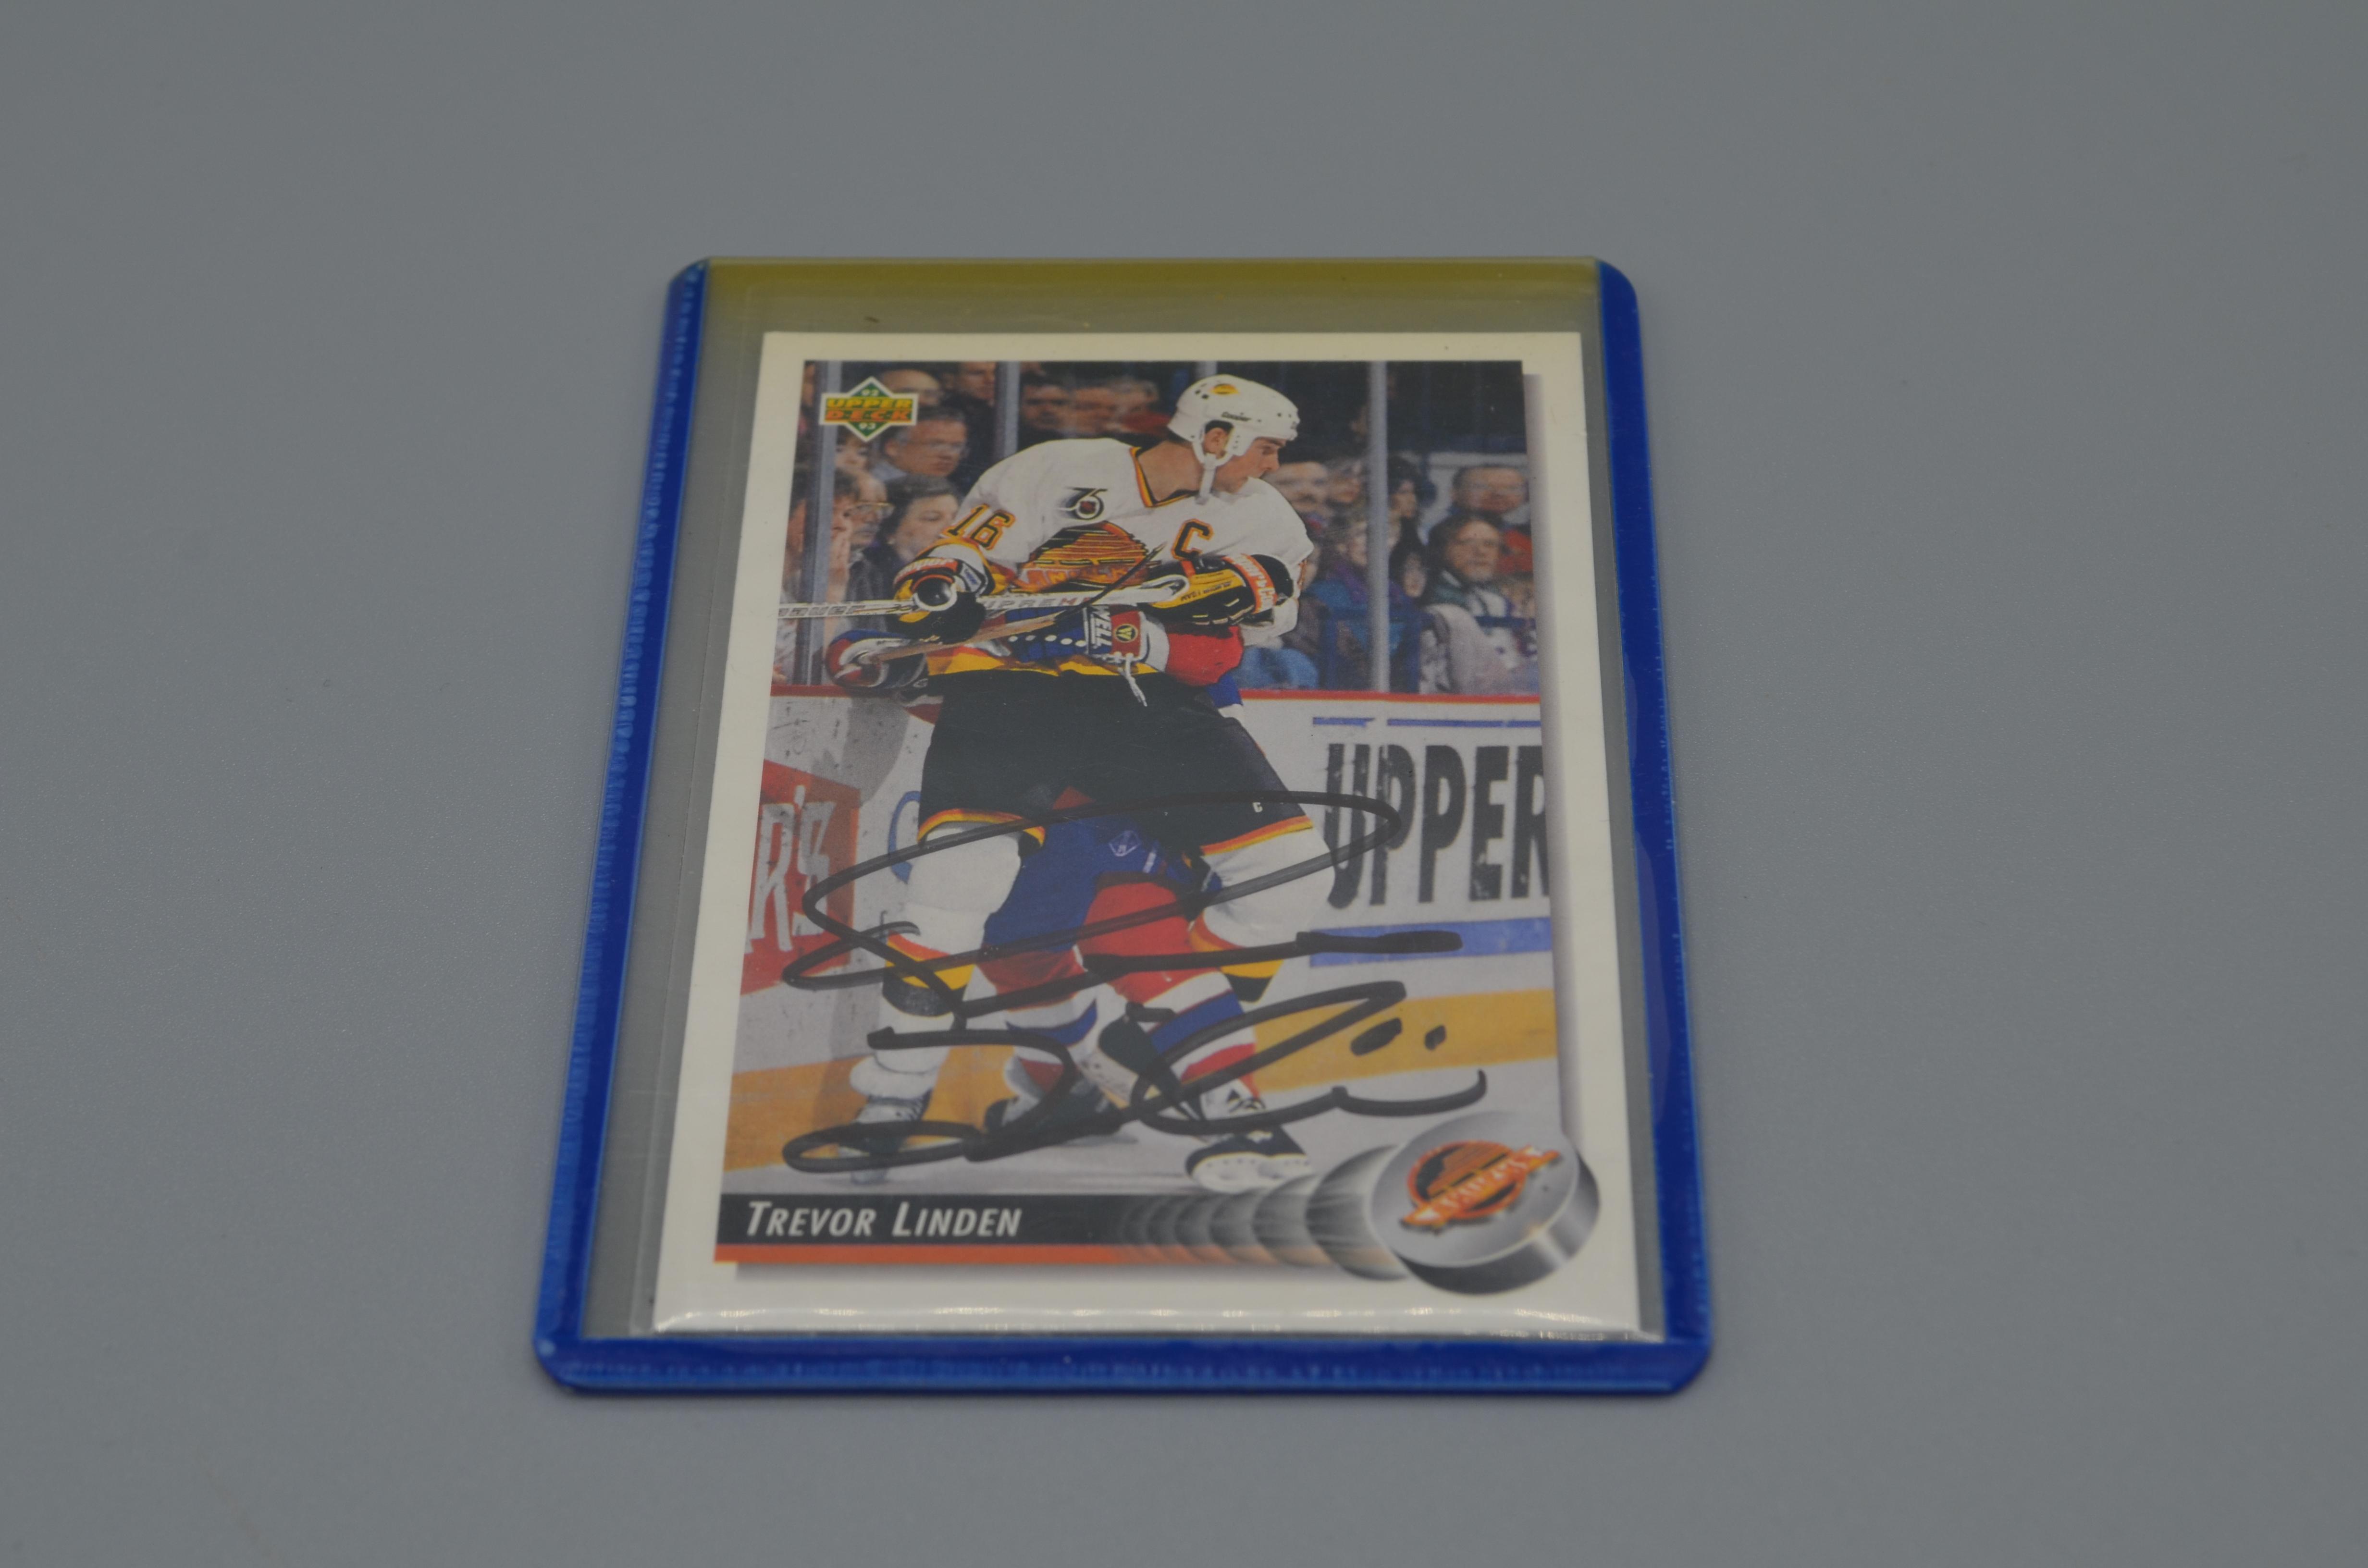 Trevor Linden Signed Hockey Card online auction